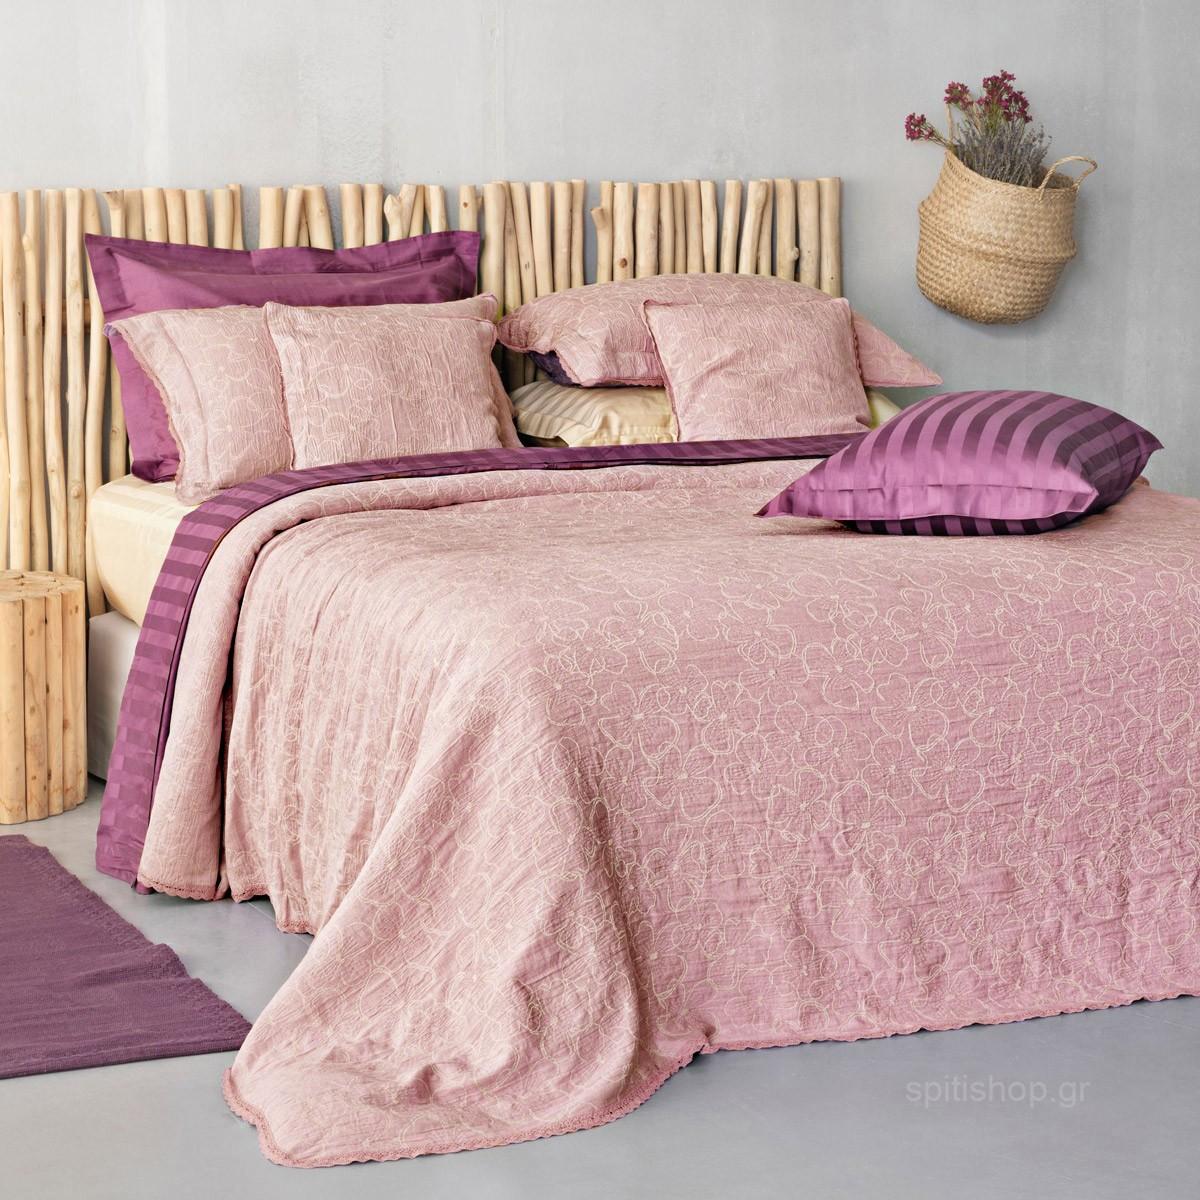 Κουβερτόριο Μονό Palamaiki Daily 1162 Light Pink home   κρεβατοκάμαρα   κουβέρτες   κουβέρτες καλοκαιρινές μονές